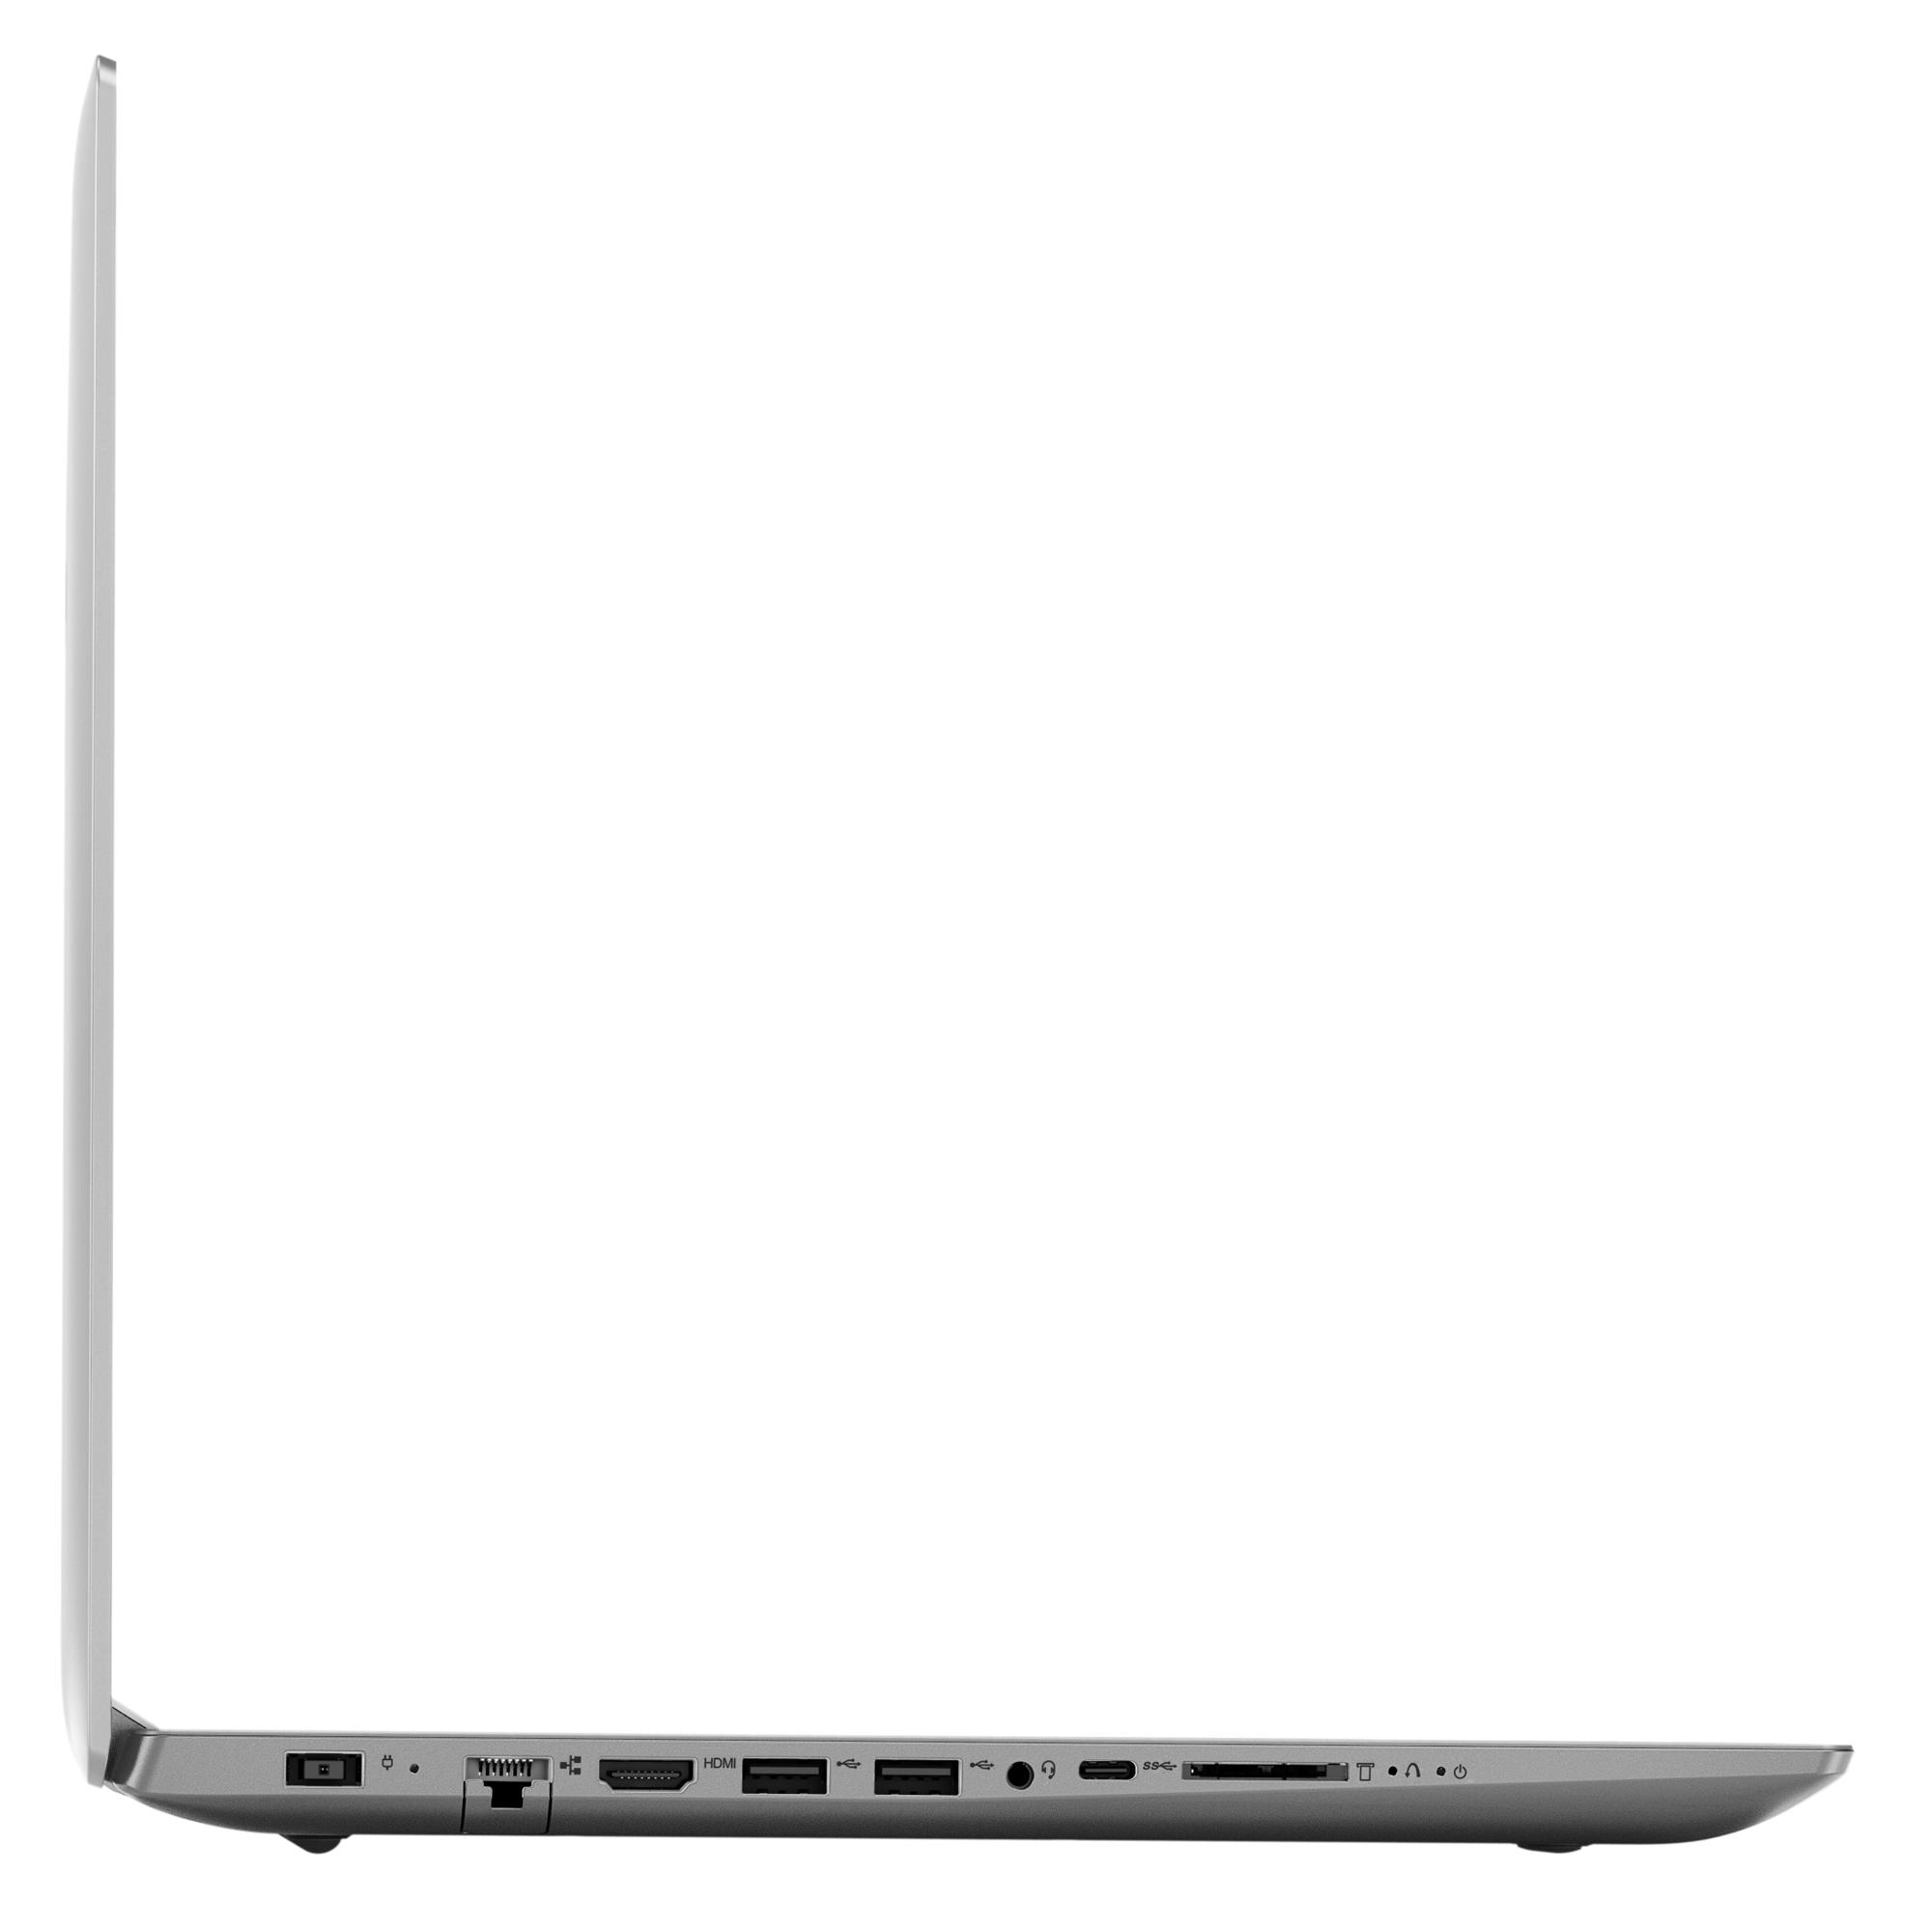 Фото  Ноутбук Lenovo ideapad 330-15IKB Platinum Grey (81DE01CXRU)